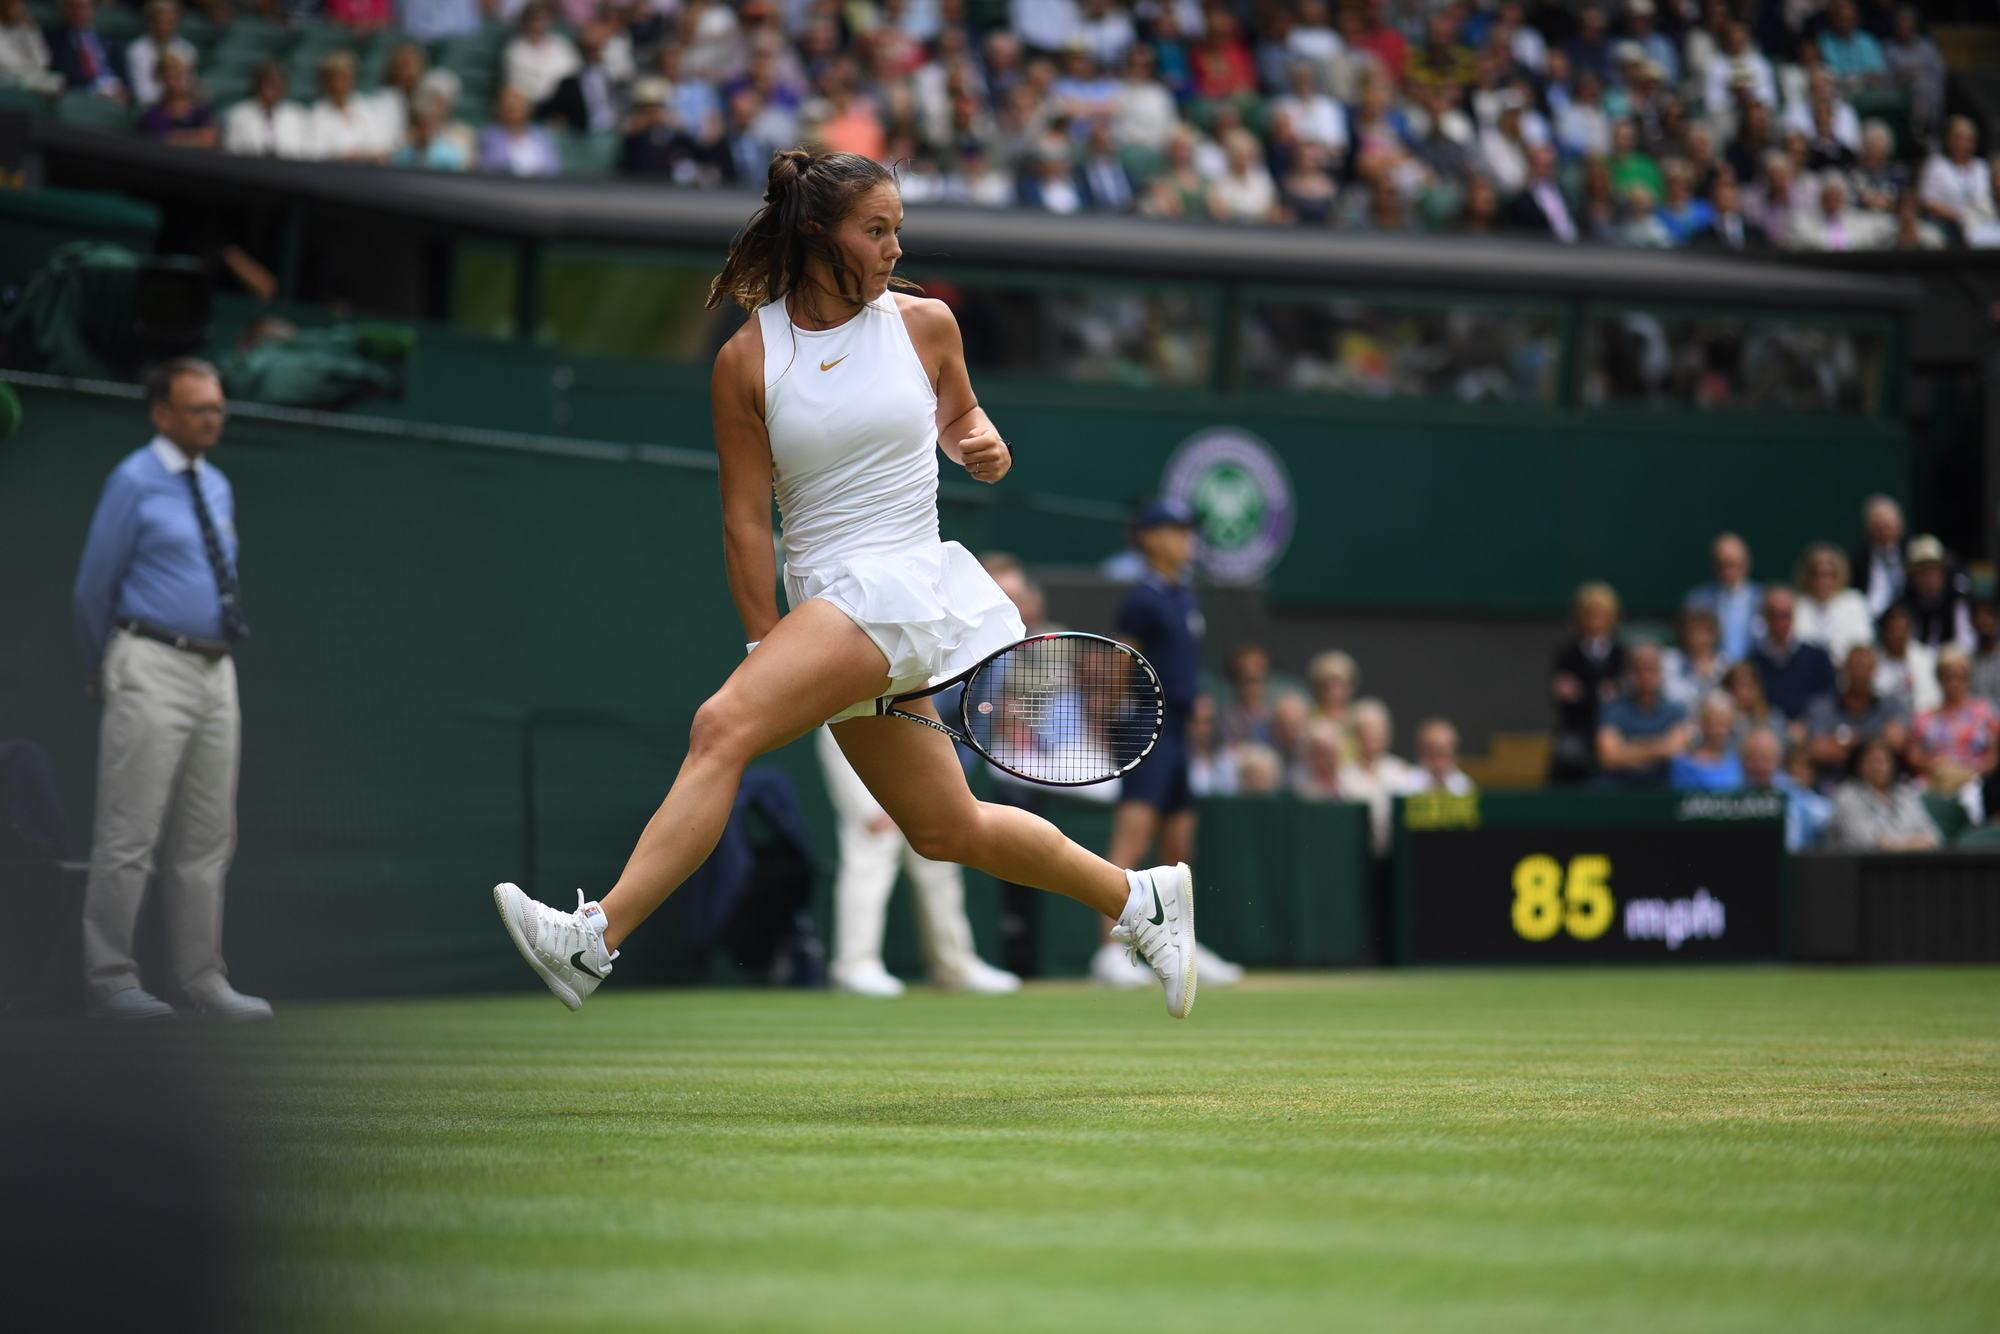 аутсайдера стратегия теннисе на ставок в